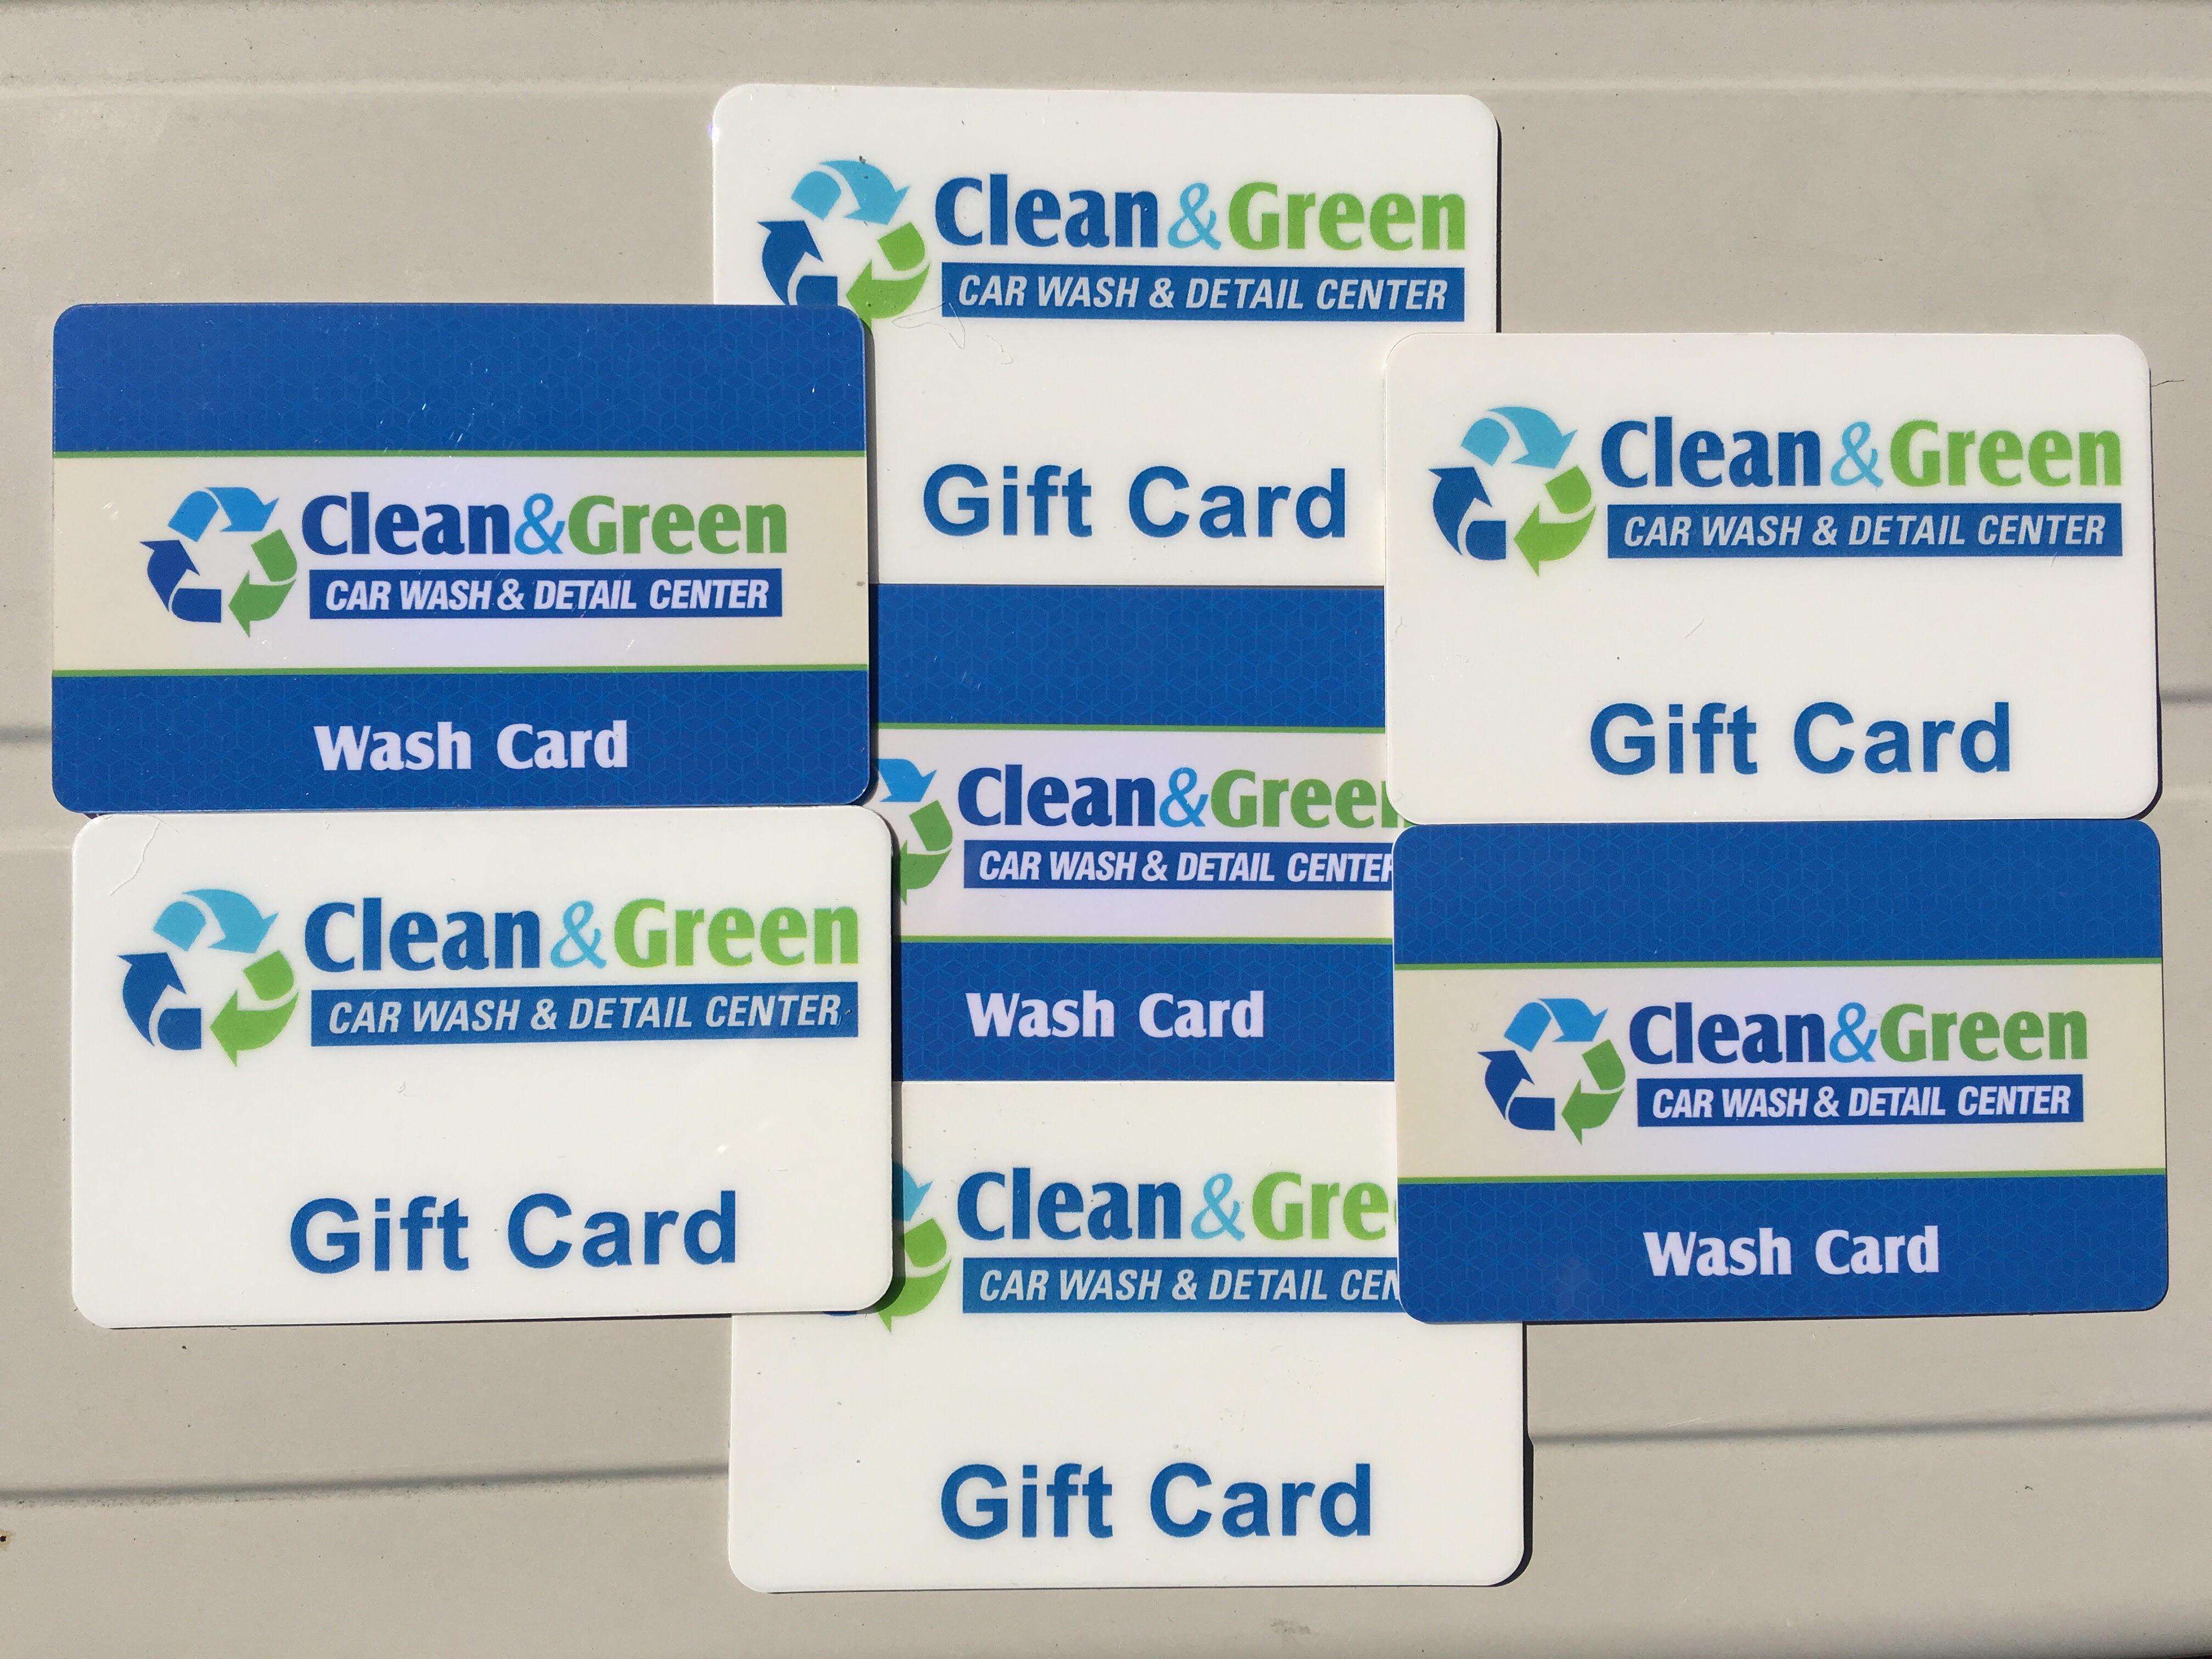 Clean & Green Car Wash